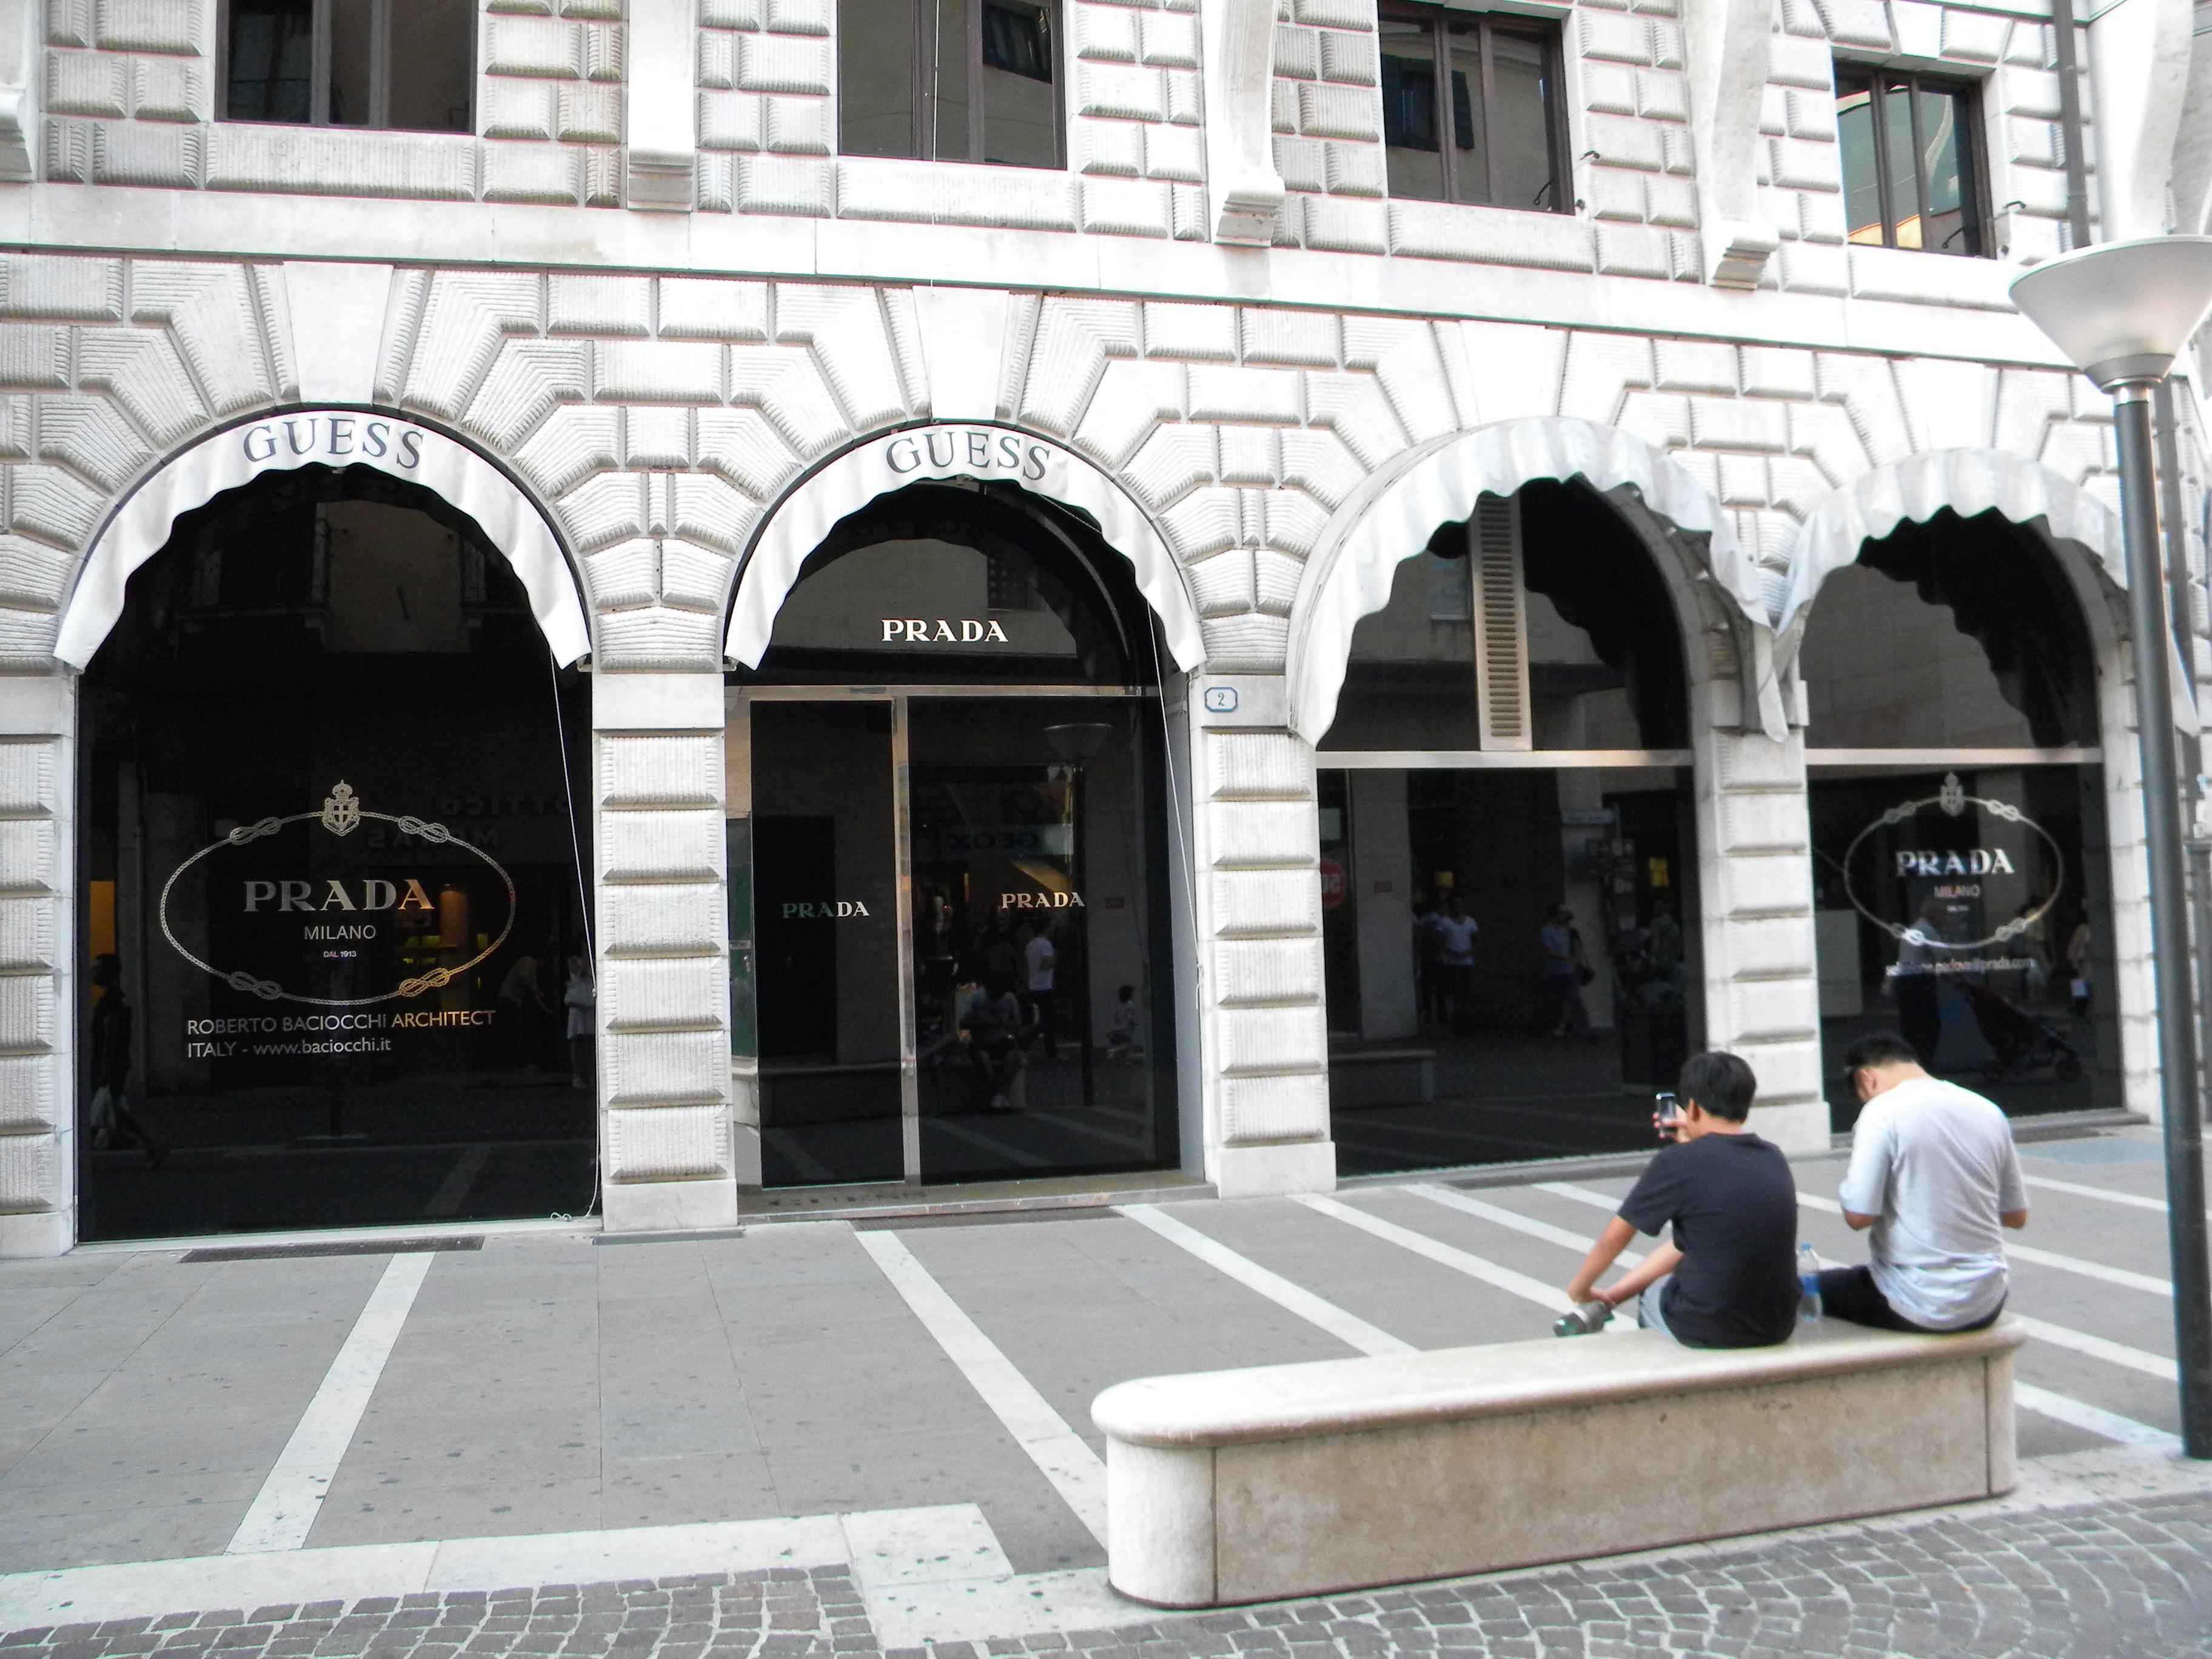 Negozi Guess a Padova